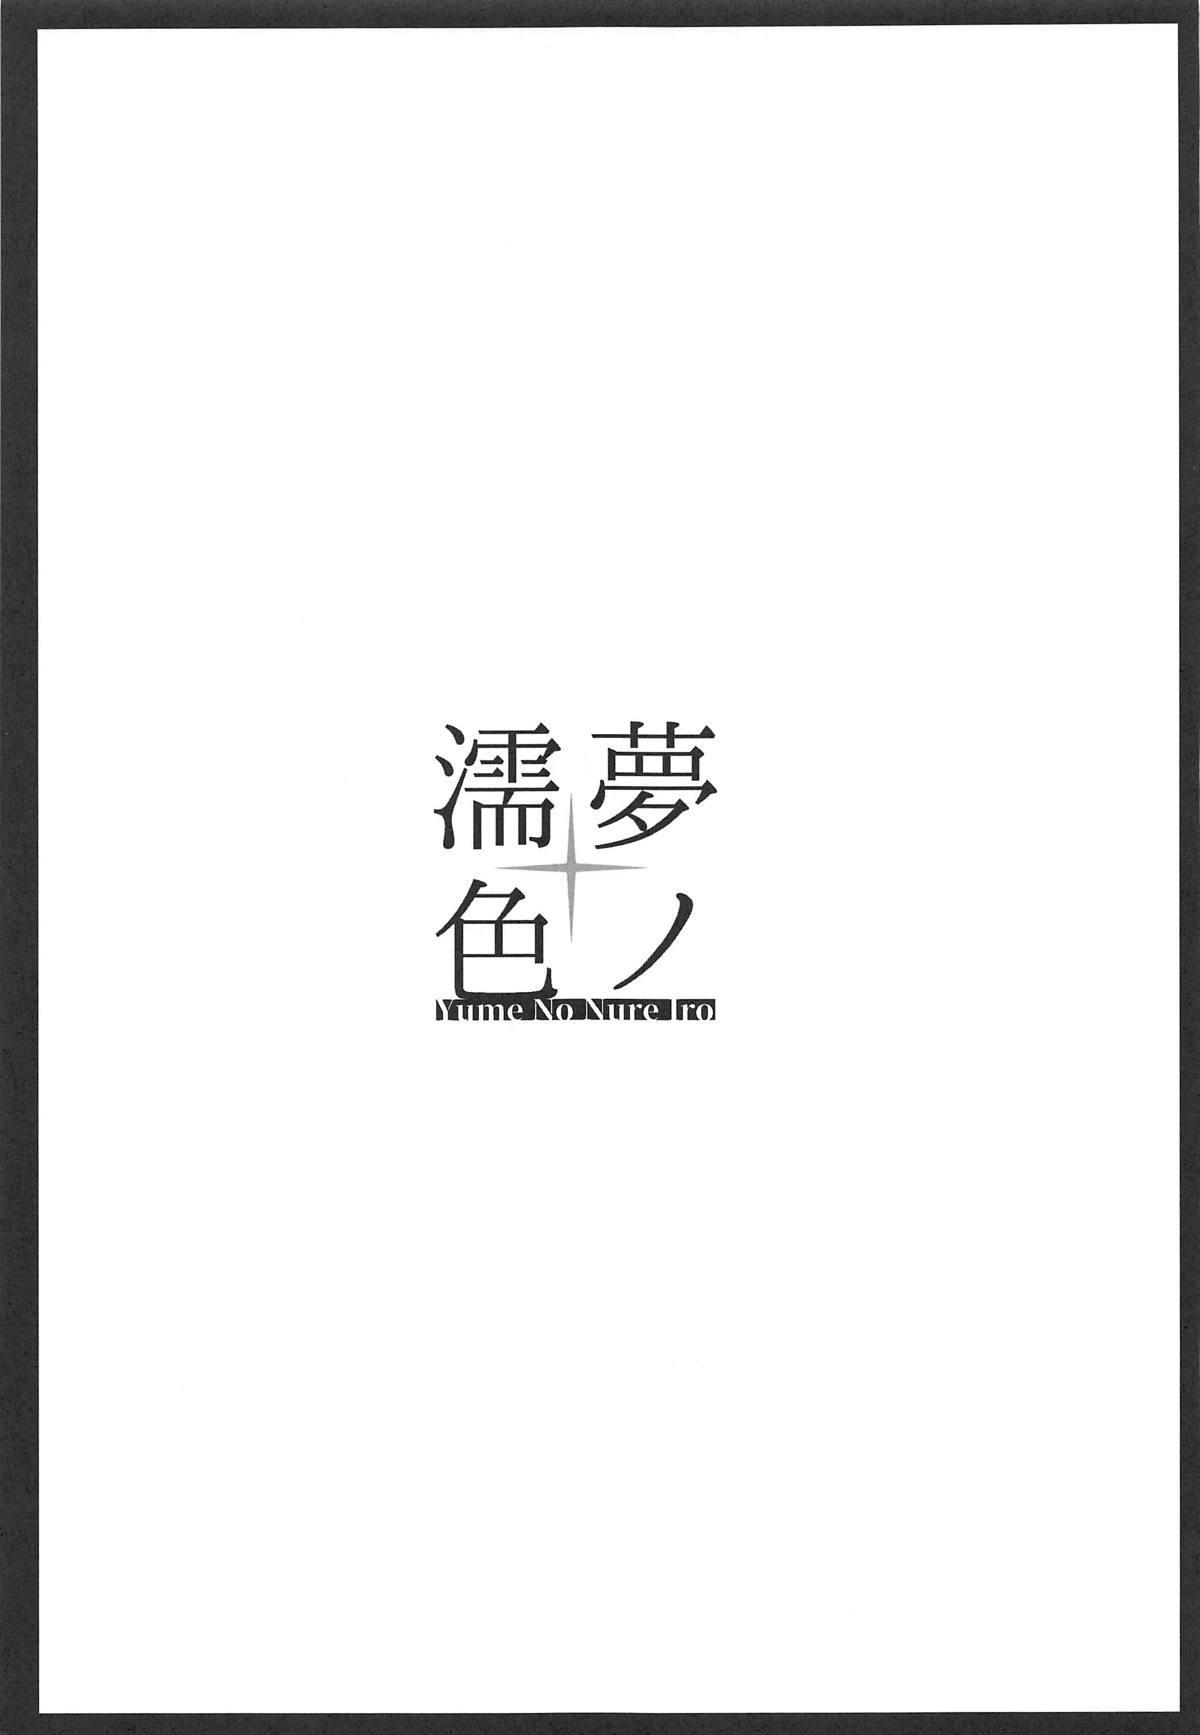 Yume No Nure Iro 24